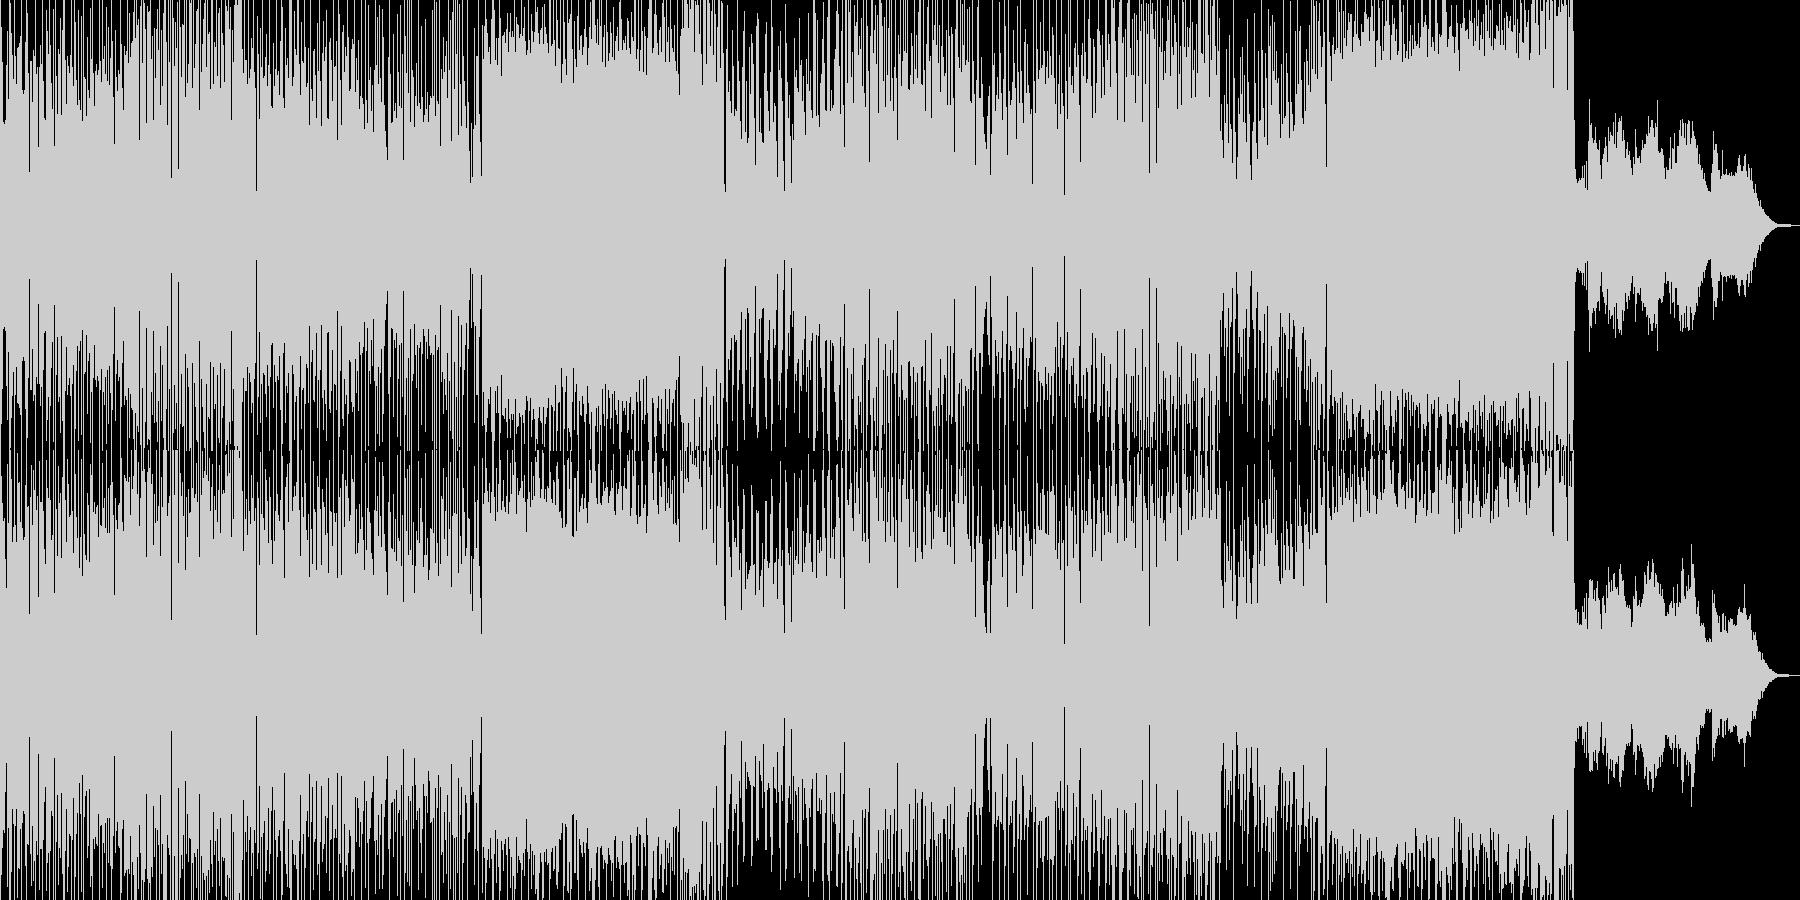 ドタバタコメディ・アニメ調ポップ Bの未再生の波形